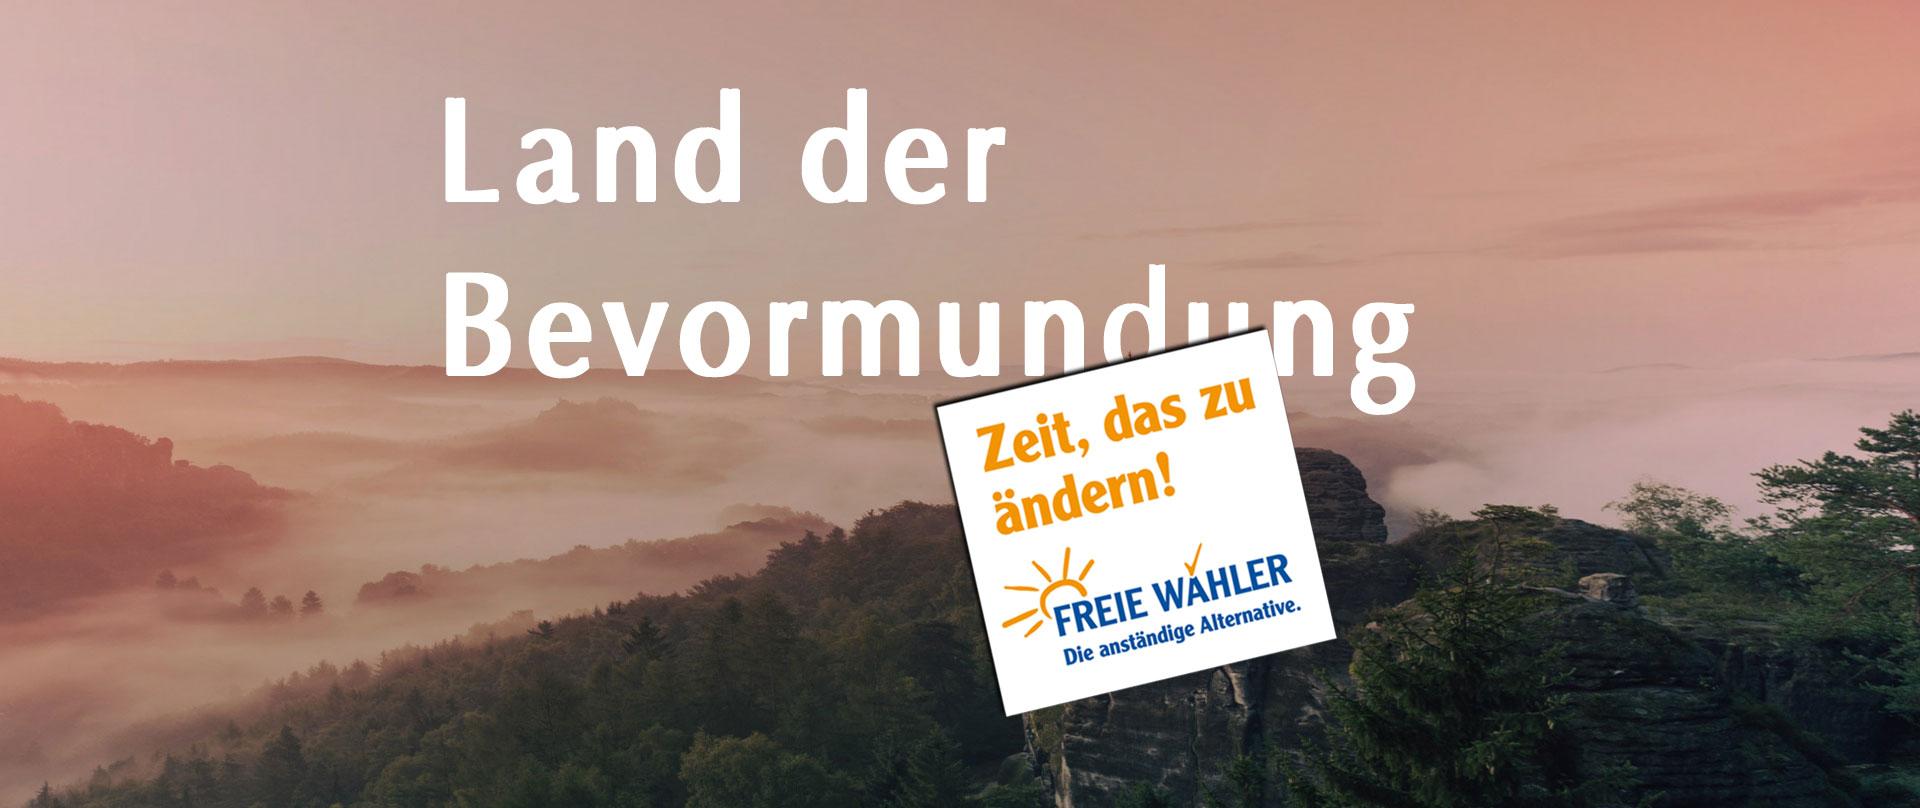 FW_Website_HIntergrund-2-Bevormundung